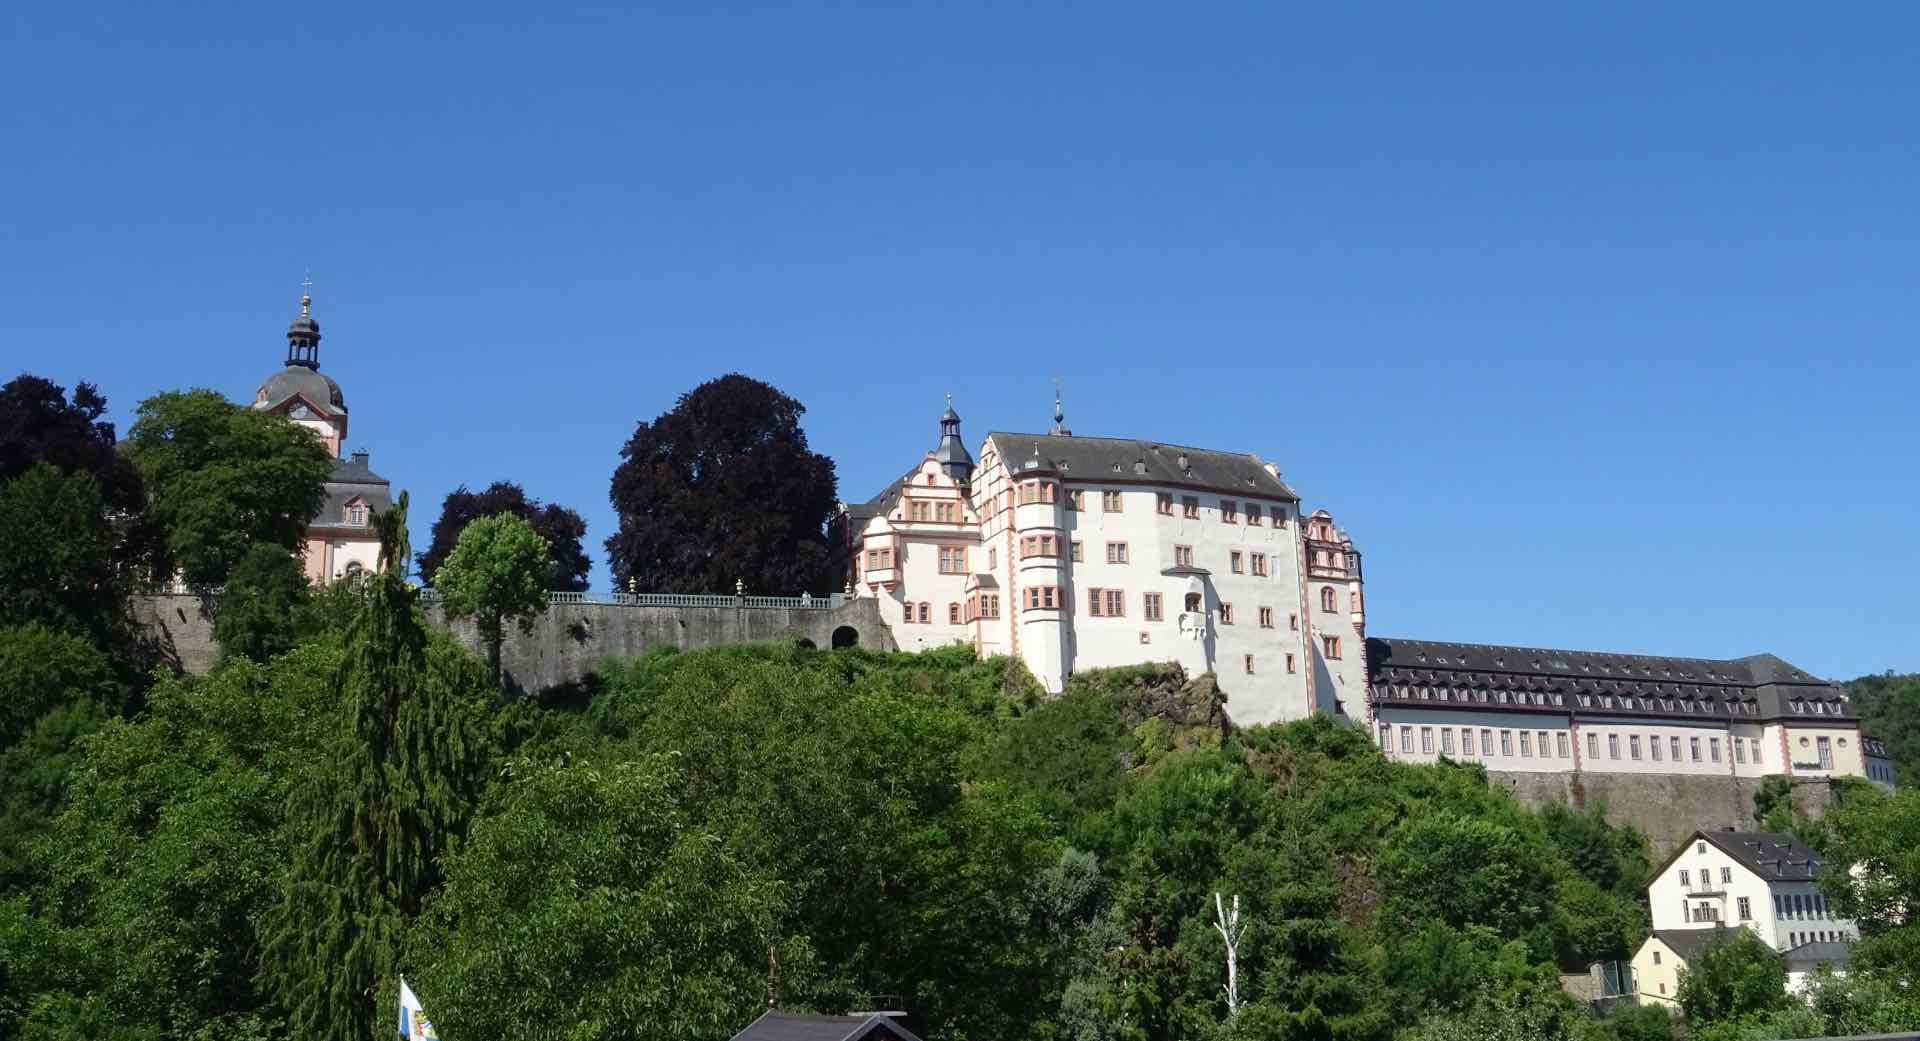 Het kasteel van Weilburg